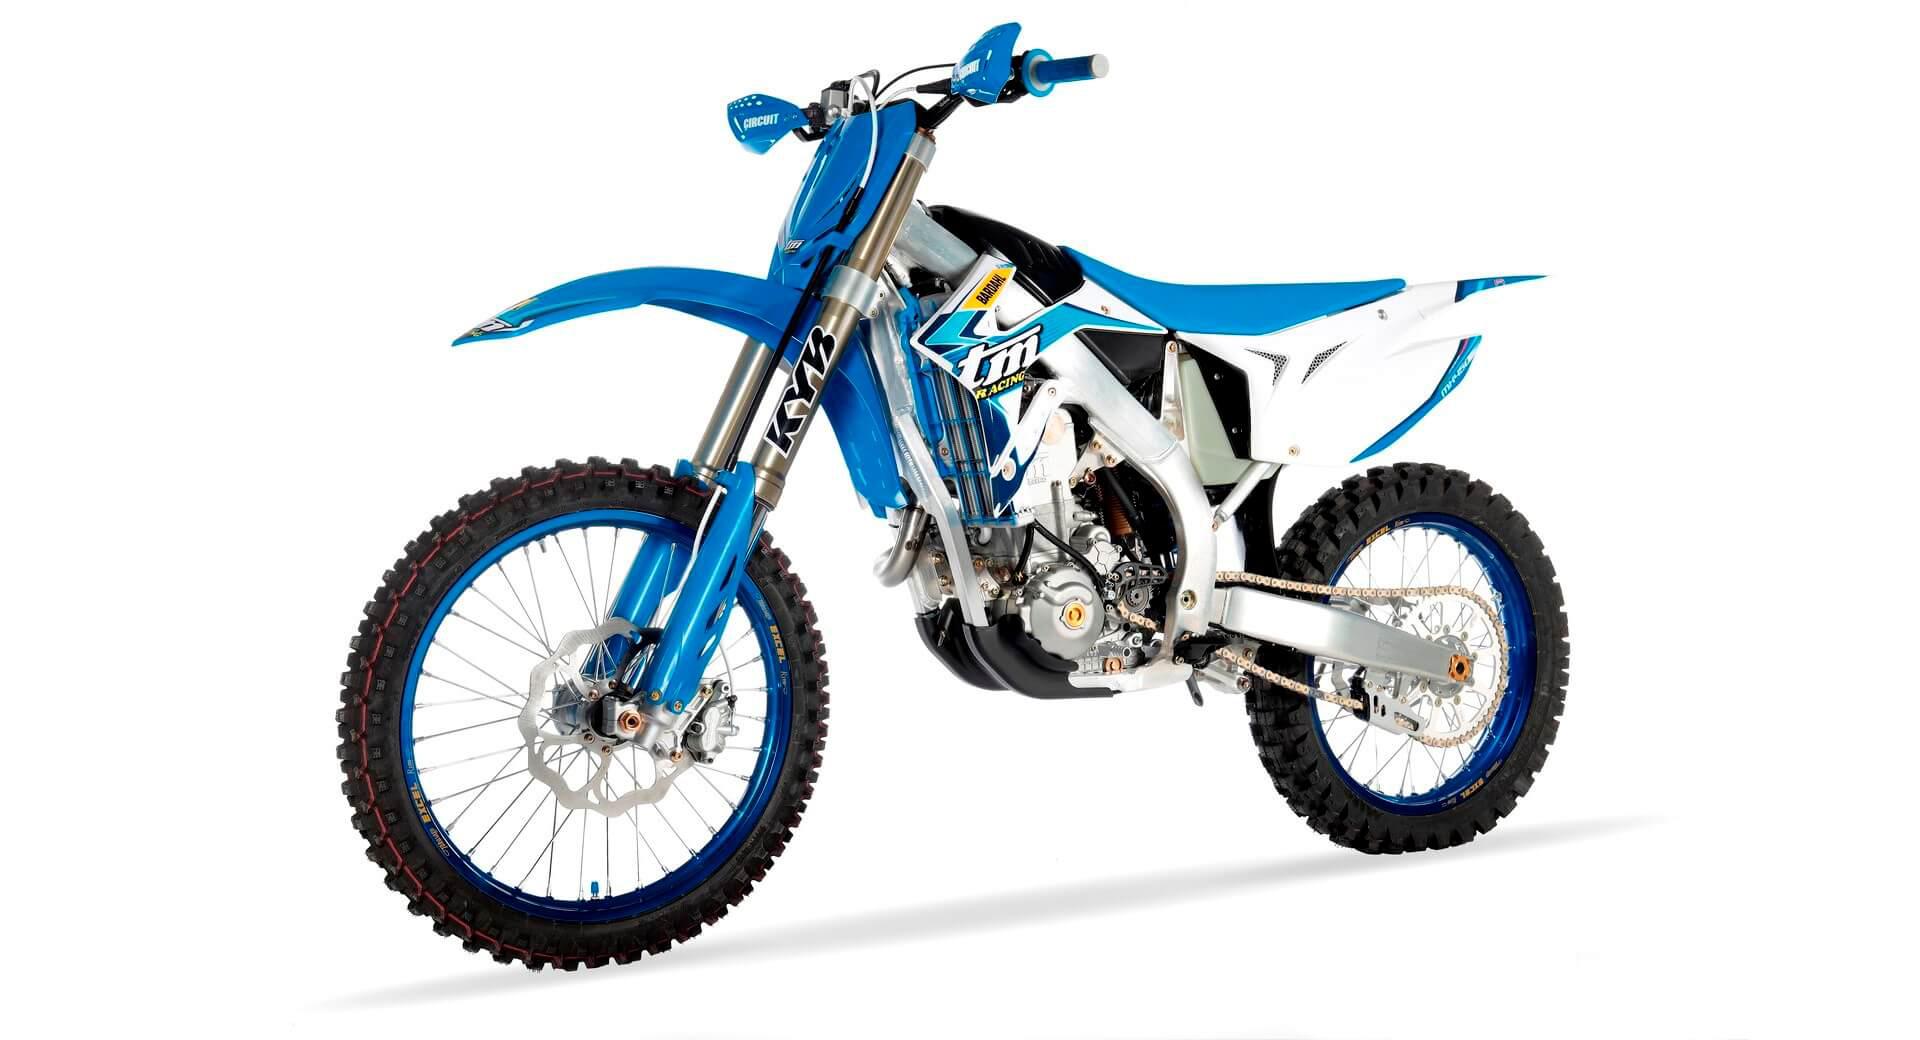 MX 450 Fi 4T 03